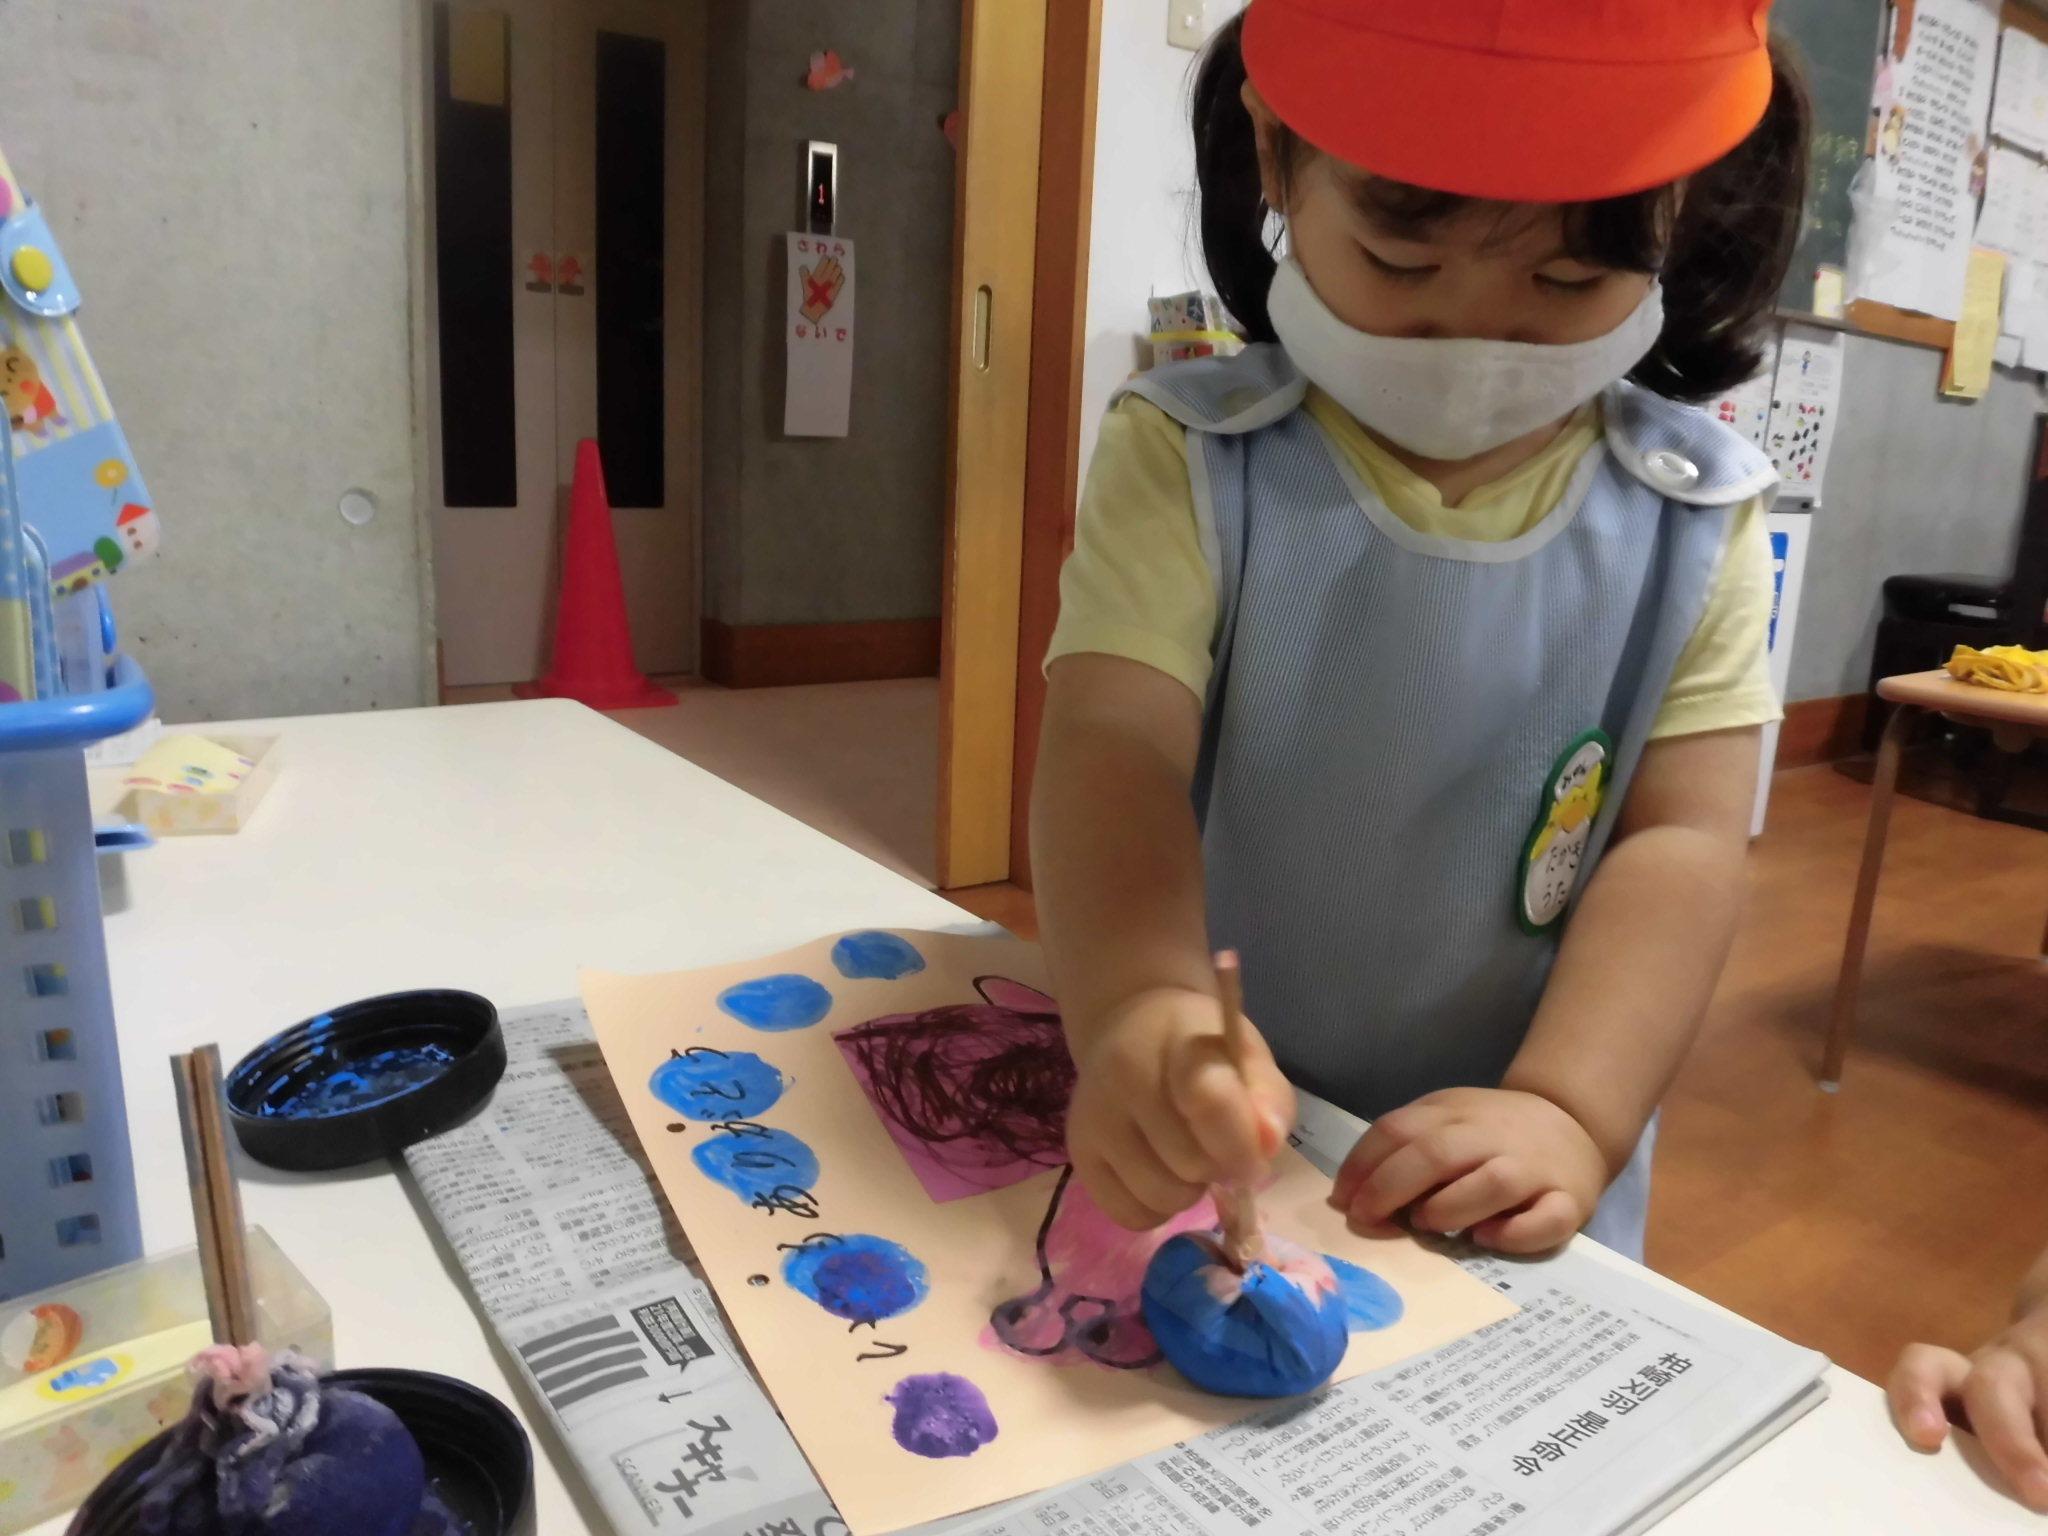 雨でも楽しい幼稚園_a0382671_10511741.jpg